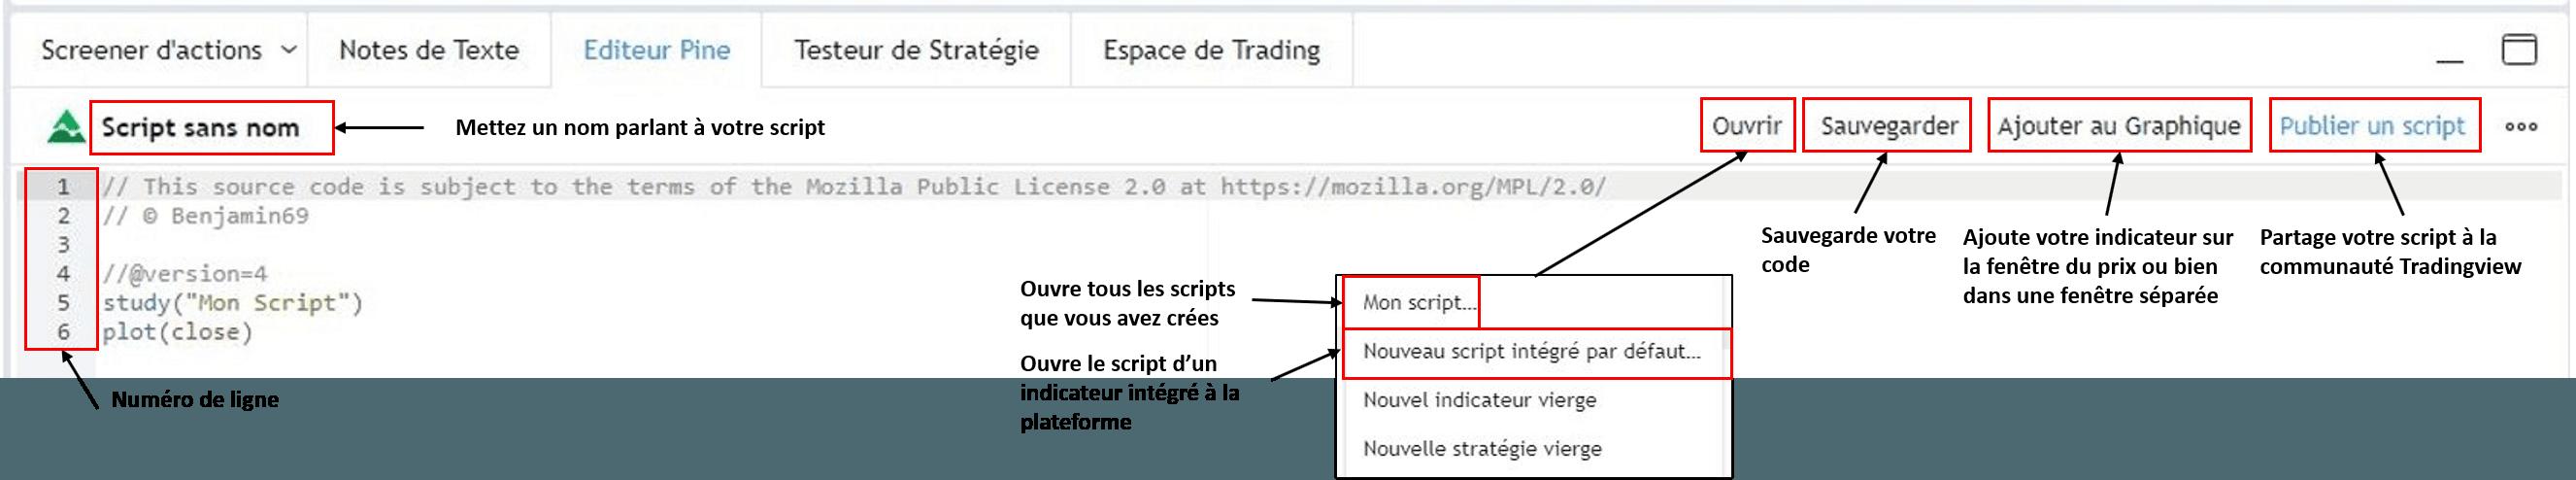 Nouveau script interface Tradingview